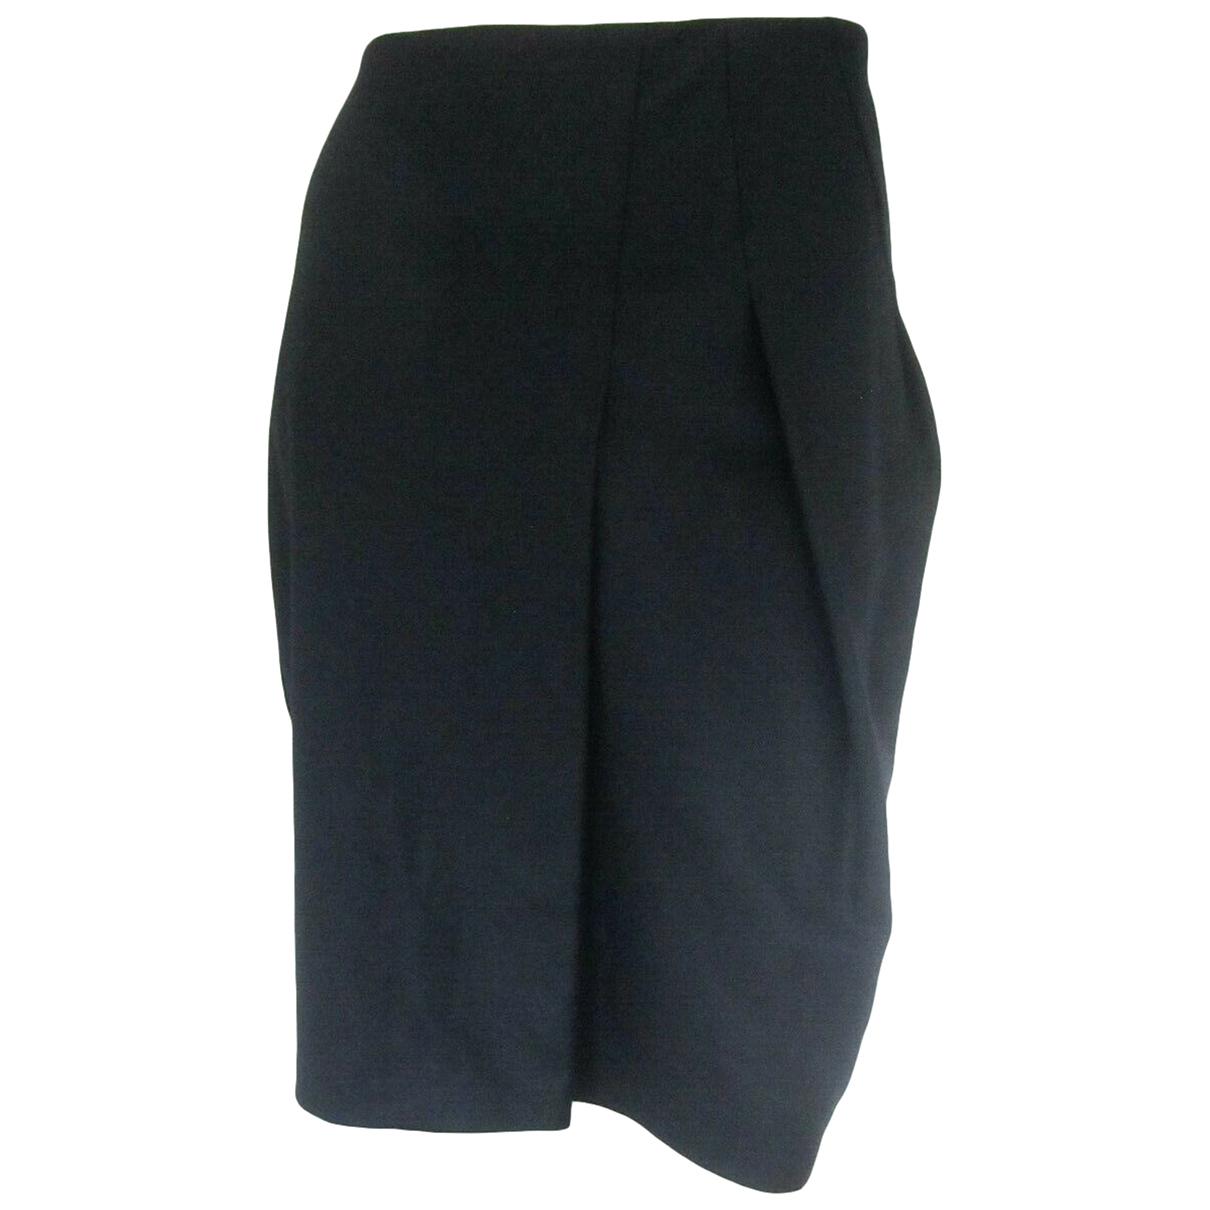 Jil Sander \N Black Wool skirt for Women 42 FR